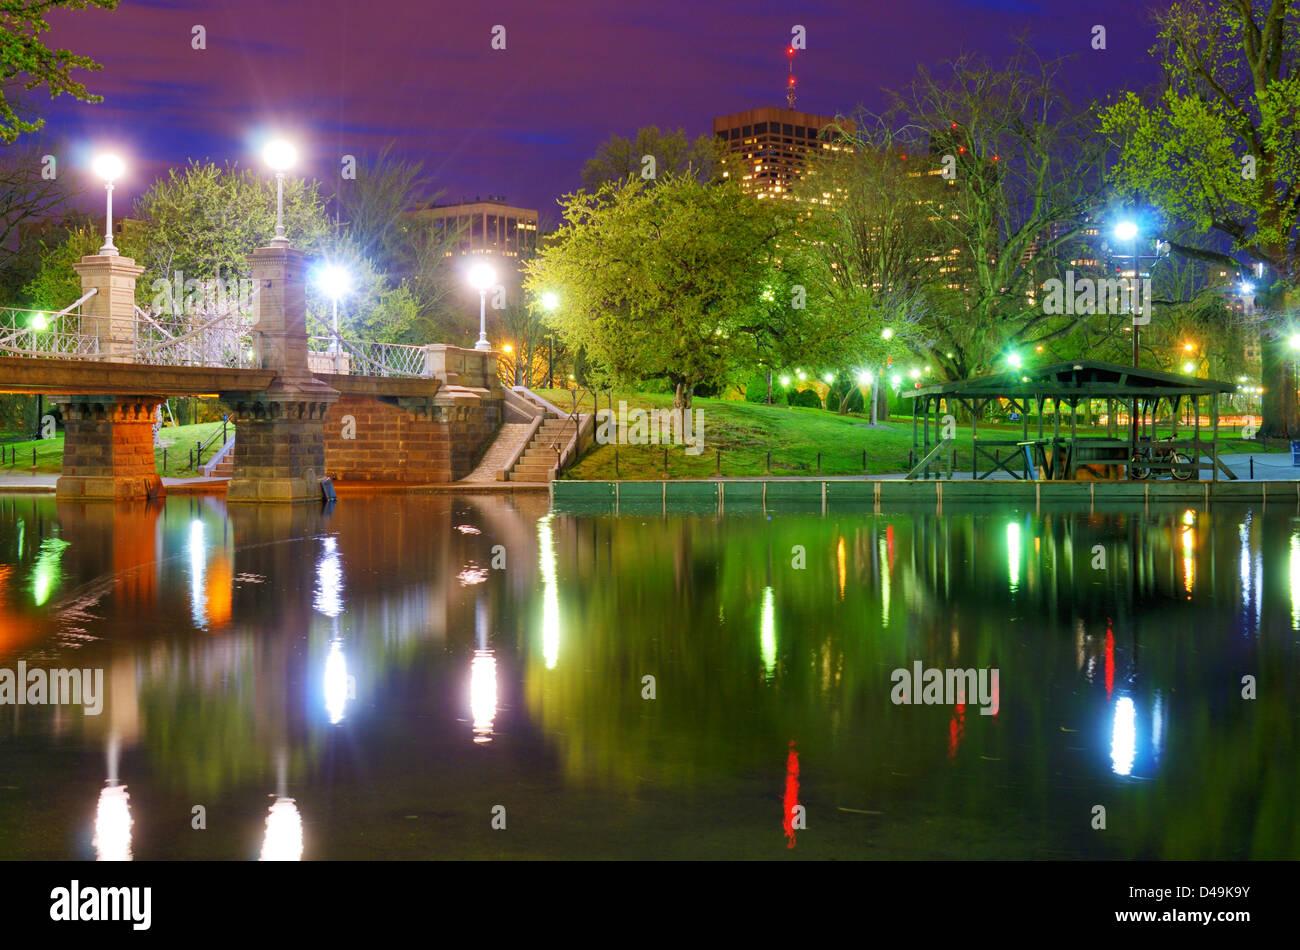 Puente de la laguna en el Boston Public Gardens en Boston, Massachusetts. Foto de stock